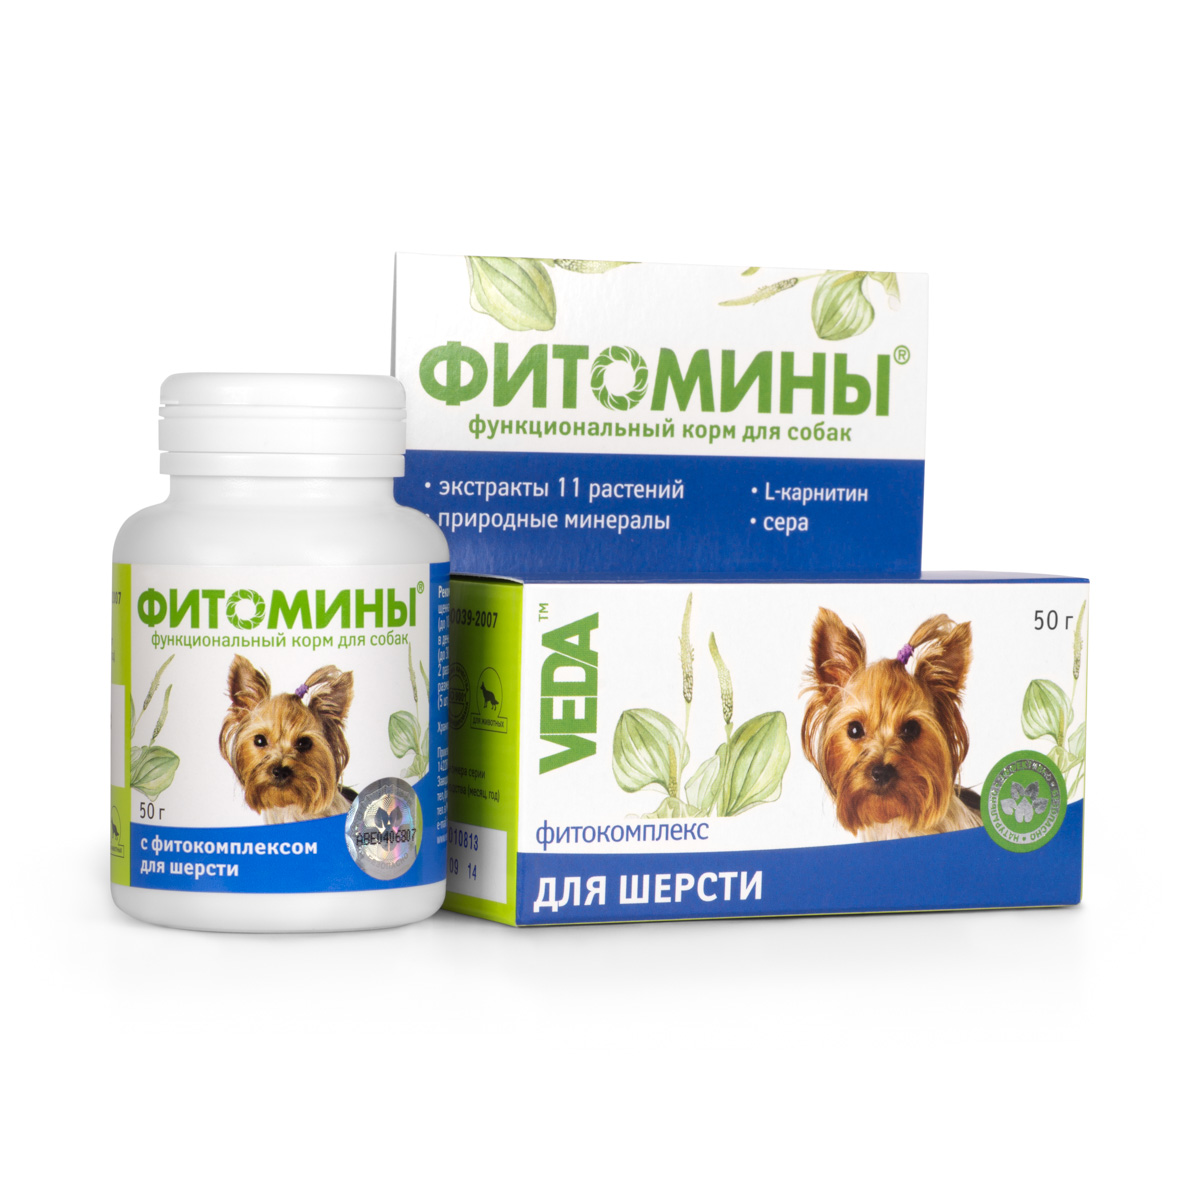 Корм для собак VEDA Фитомины, функциональный, с фитокомплексом, для шерсти, 50 г4605543005855Функциональный корм для собак VEDA Фитомины с фитокомплексом способствует оздоровлению шерстного покрова, восстановлению красивого внешнего вида.Рекомендуется включать в рацион:- при выпадении шерсти, аллопециях (облысении), внесезонных линьках,- при нездоровом виде шерсти для улучшения её структуры и окраса,- при подготовке животного к выставке.Состав: лактоза; крахмал; дрожжи пивные; фитокомплекс: корней лопуха, листьев крапивы, листьев березы, цветков ромашки, травы чабреца, корневищ аира, травы череды, корней и корневищ солодки, травы подмаренника, листьев подорожника большого, травы тысячелистника; природный минеральный комплекс; паровая мясная мука; стеарат кальция; L-карнитин; сера.100 г продукта содержится (не менее): углеводы - 90 г; жиры - 0,1 г; белки - 4,0 г; кальций - 600 мг; фосфор - 360 мг; железо - 15,0 мг; цинк - 4 мг; марганец - 0,1 мг; медь - 0,3 мг; L- карнитин - 0,5 г; сера - 0,1 г.Энергетическая ценность в 100 г: 380 ккал.Товар сертифицирован.